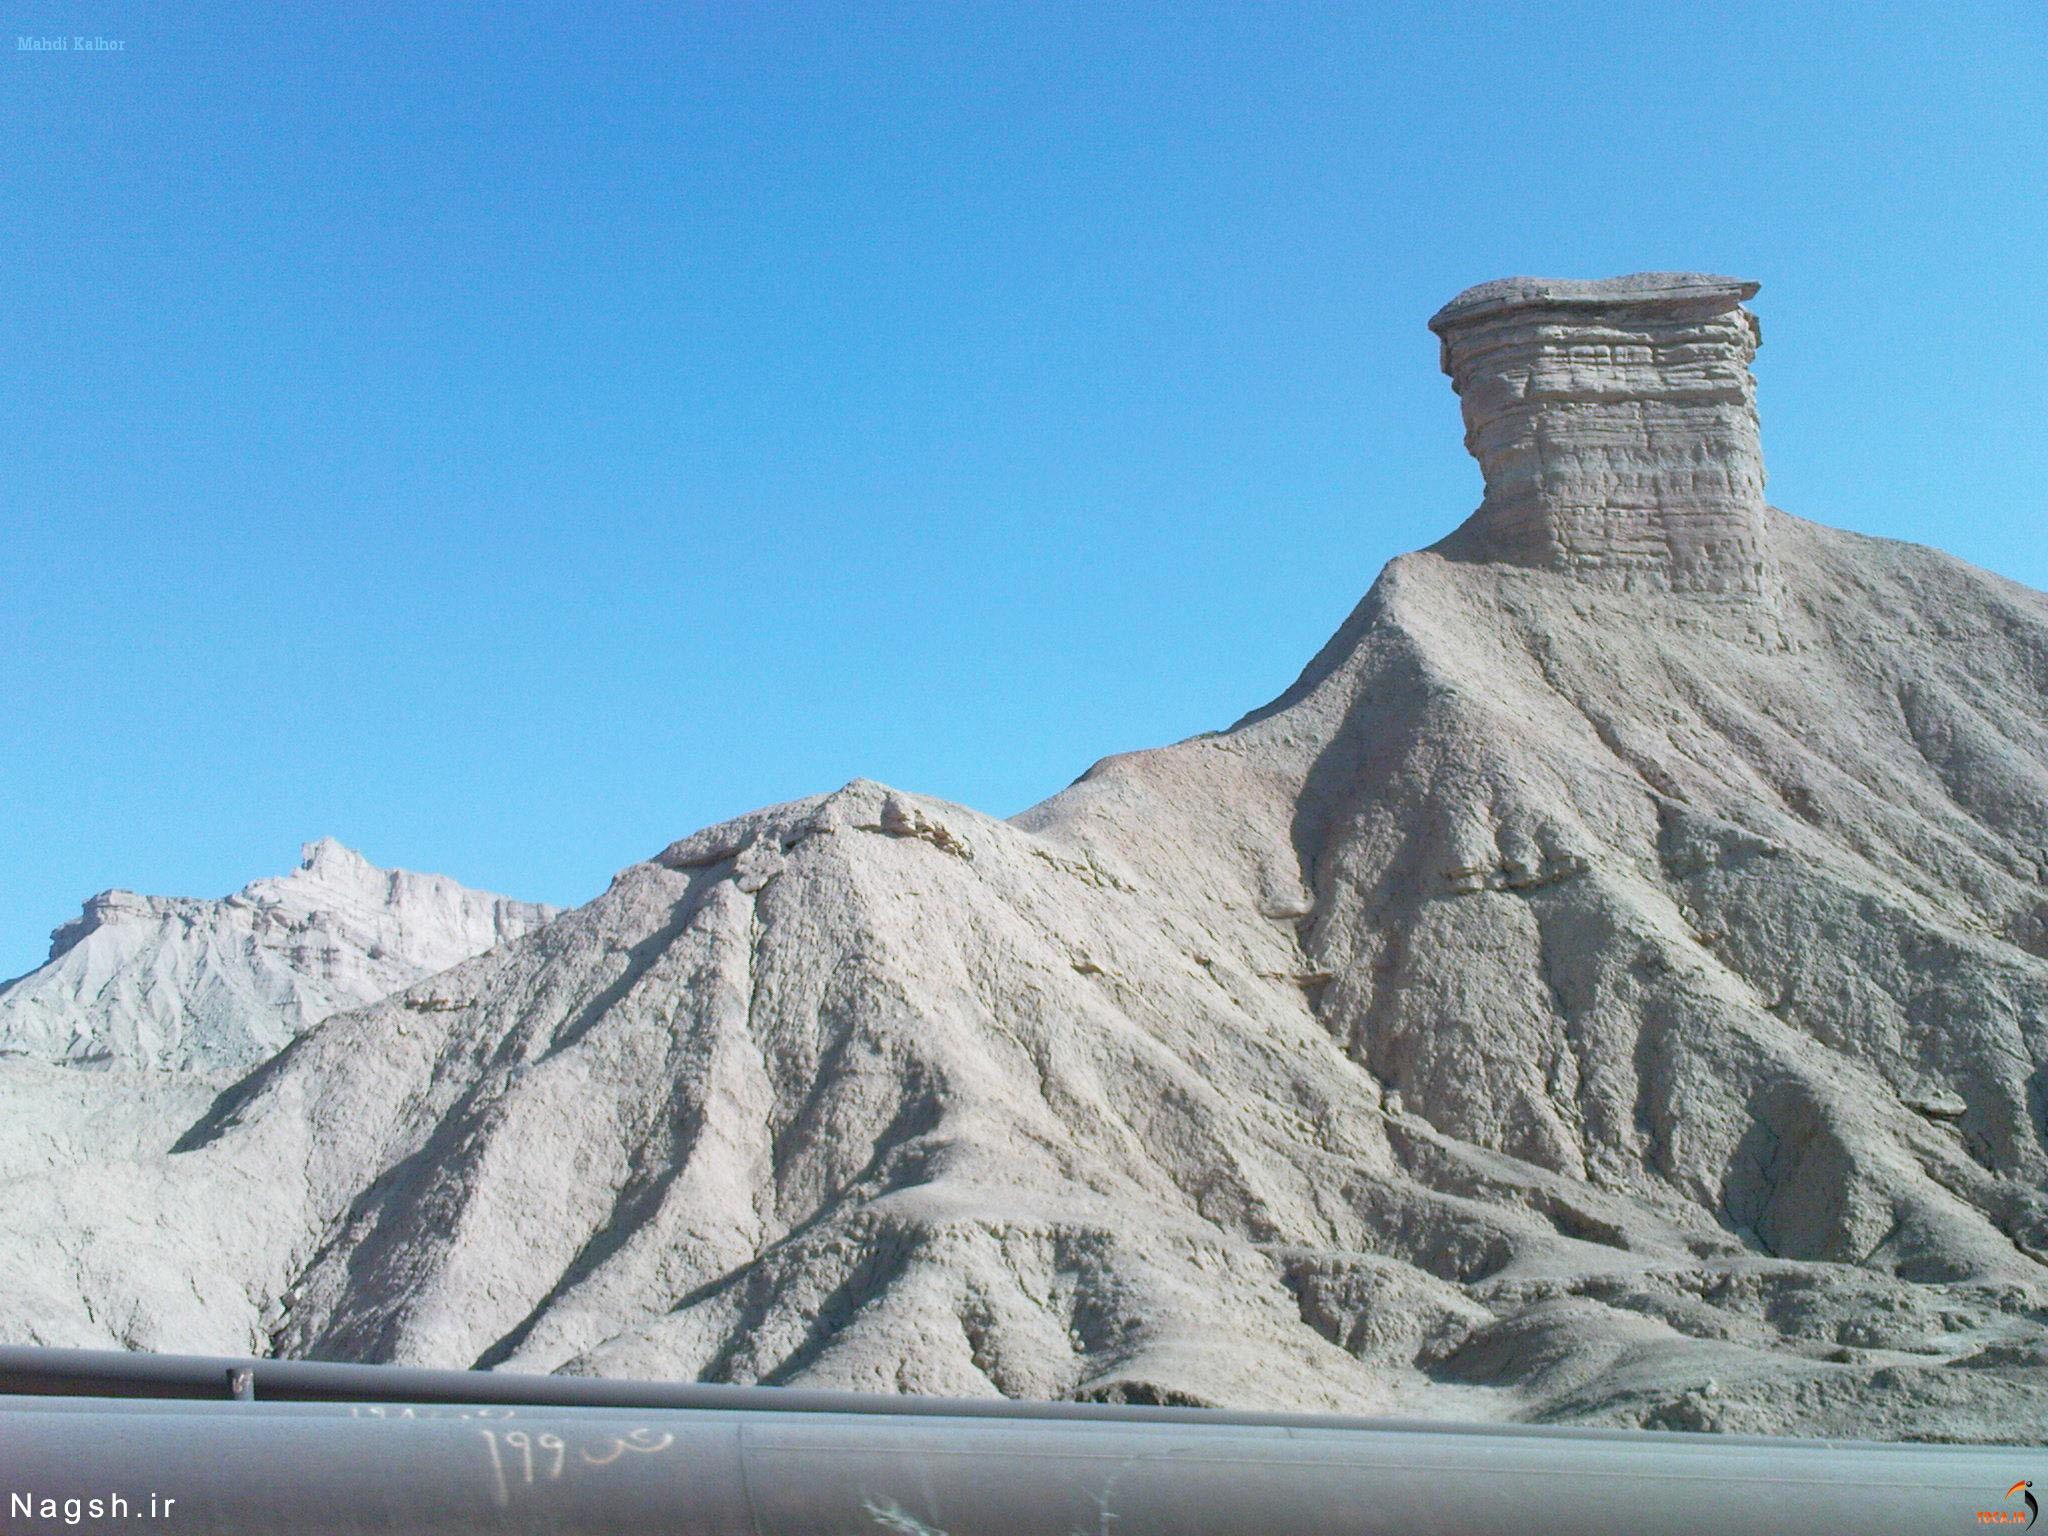 مریخ کوه، استان بوشهر دودکش جن در کوههای مریخی